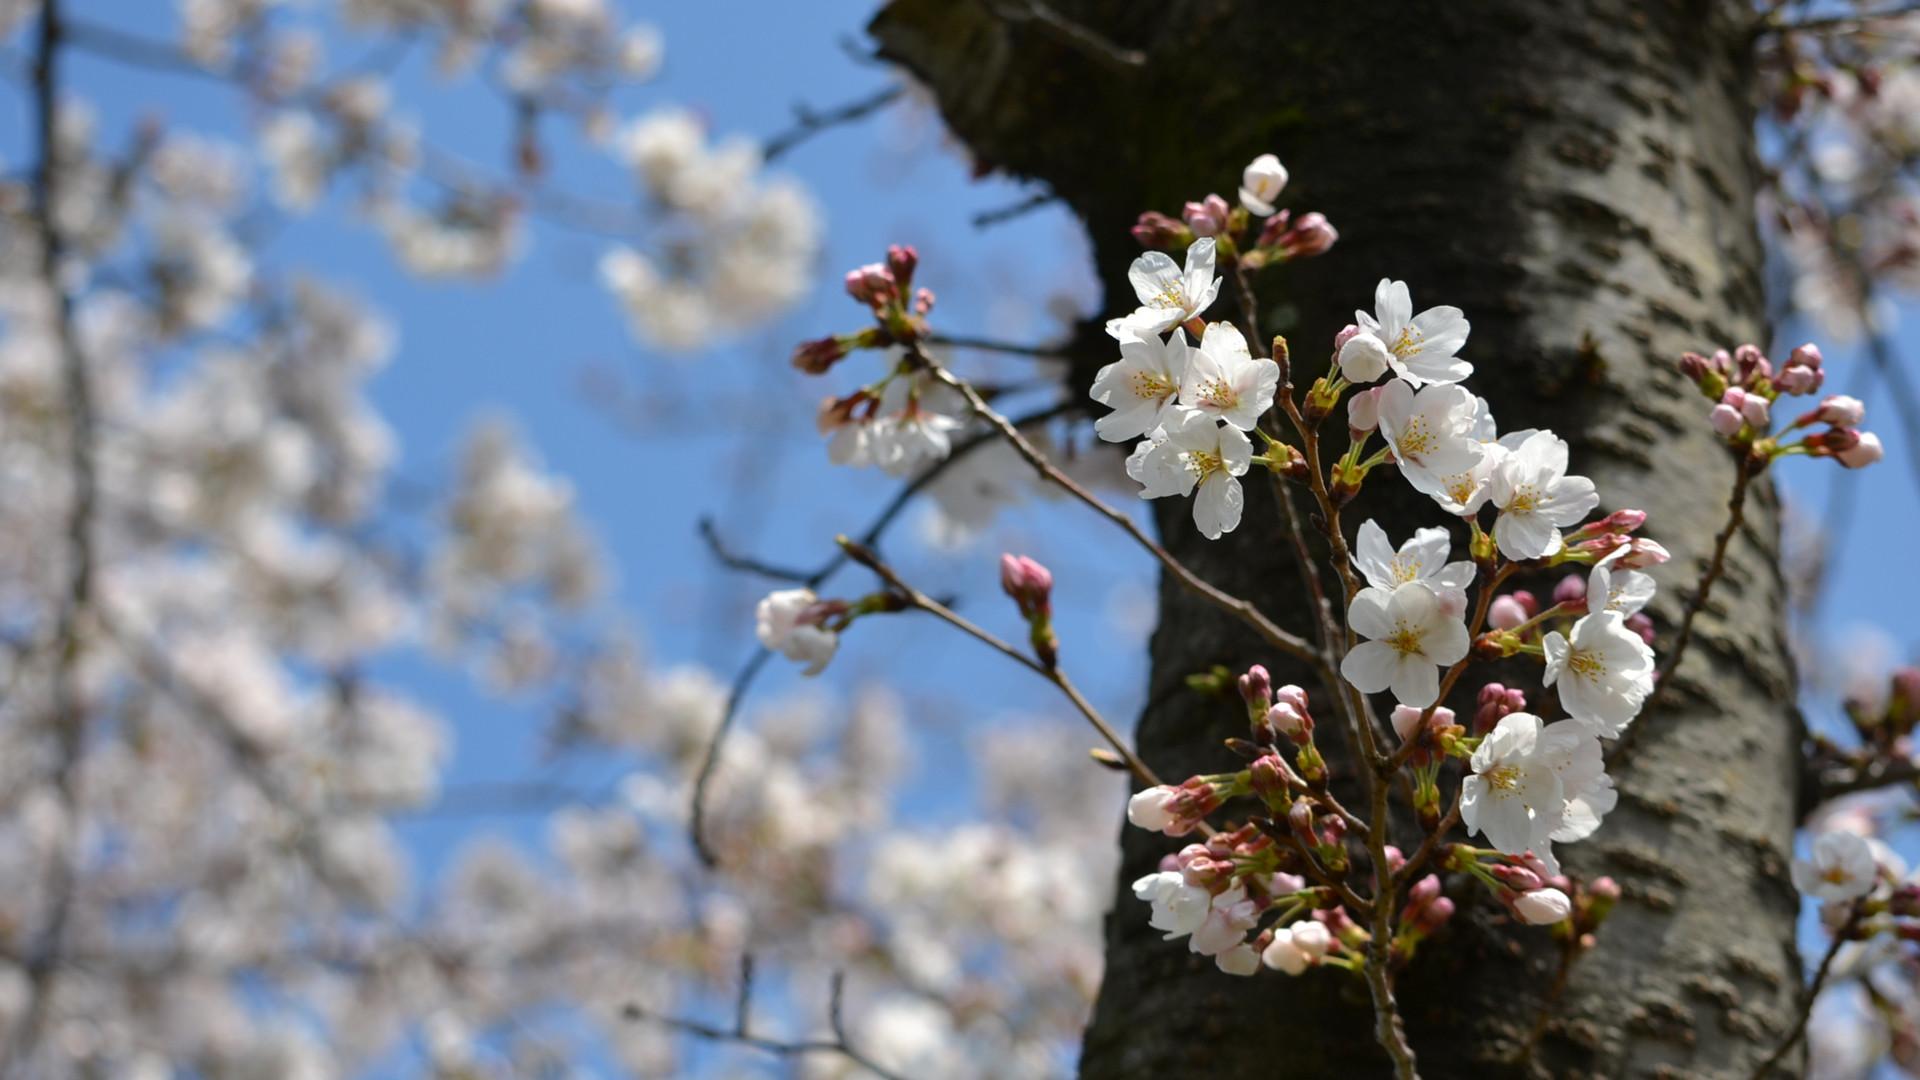 桜材で作った「桜のゆず胡椒さじ」